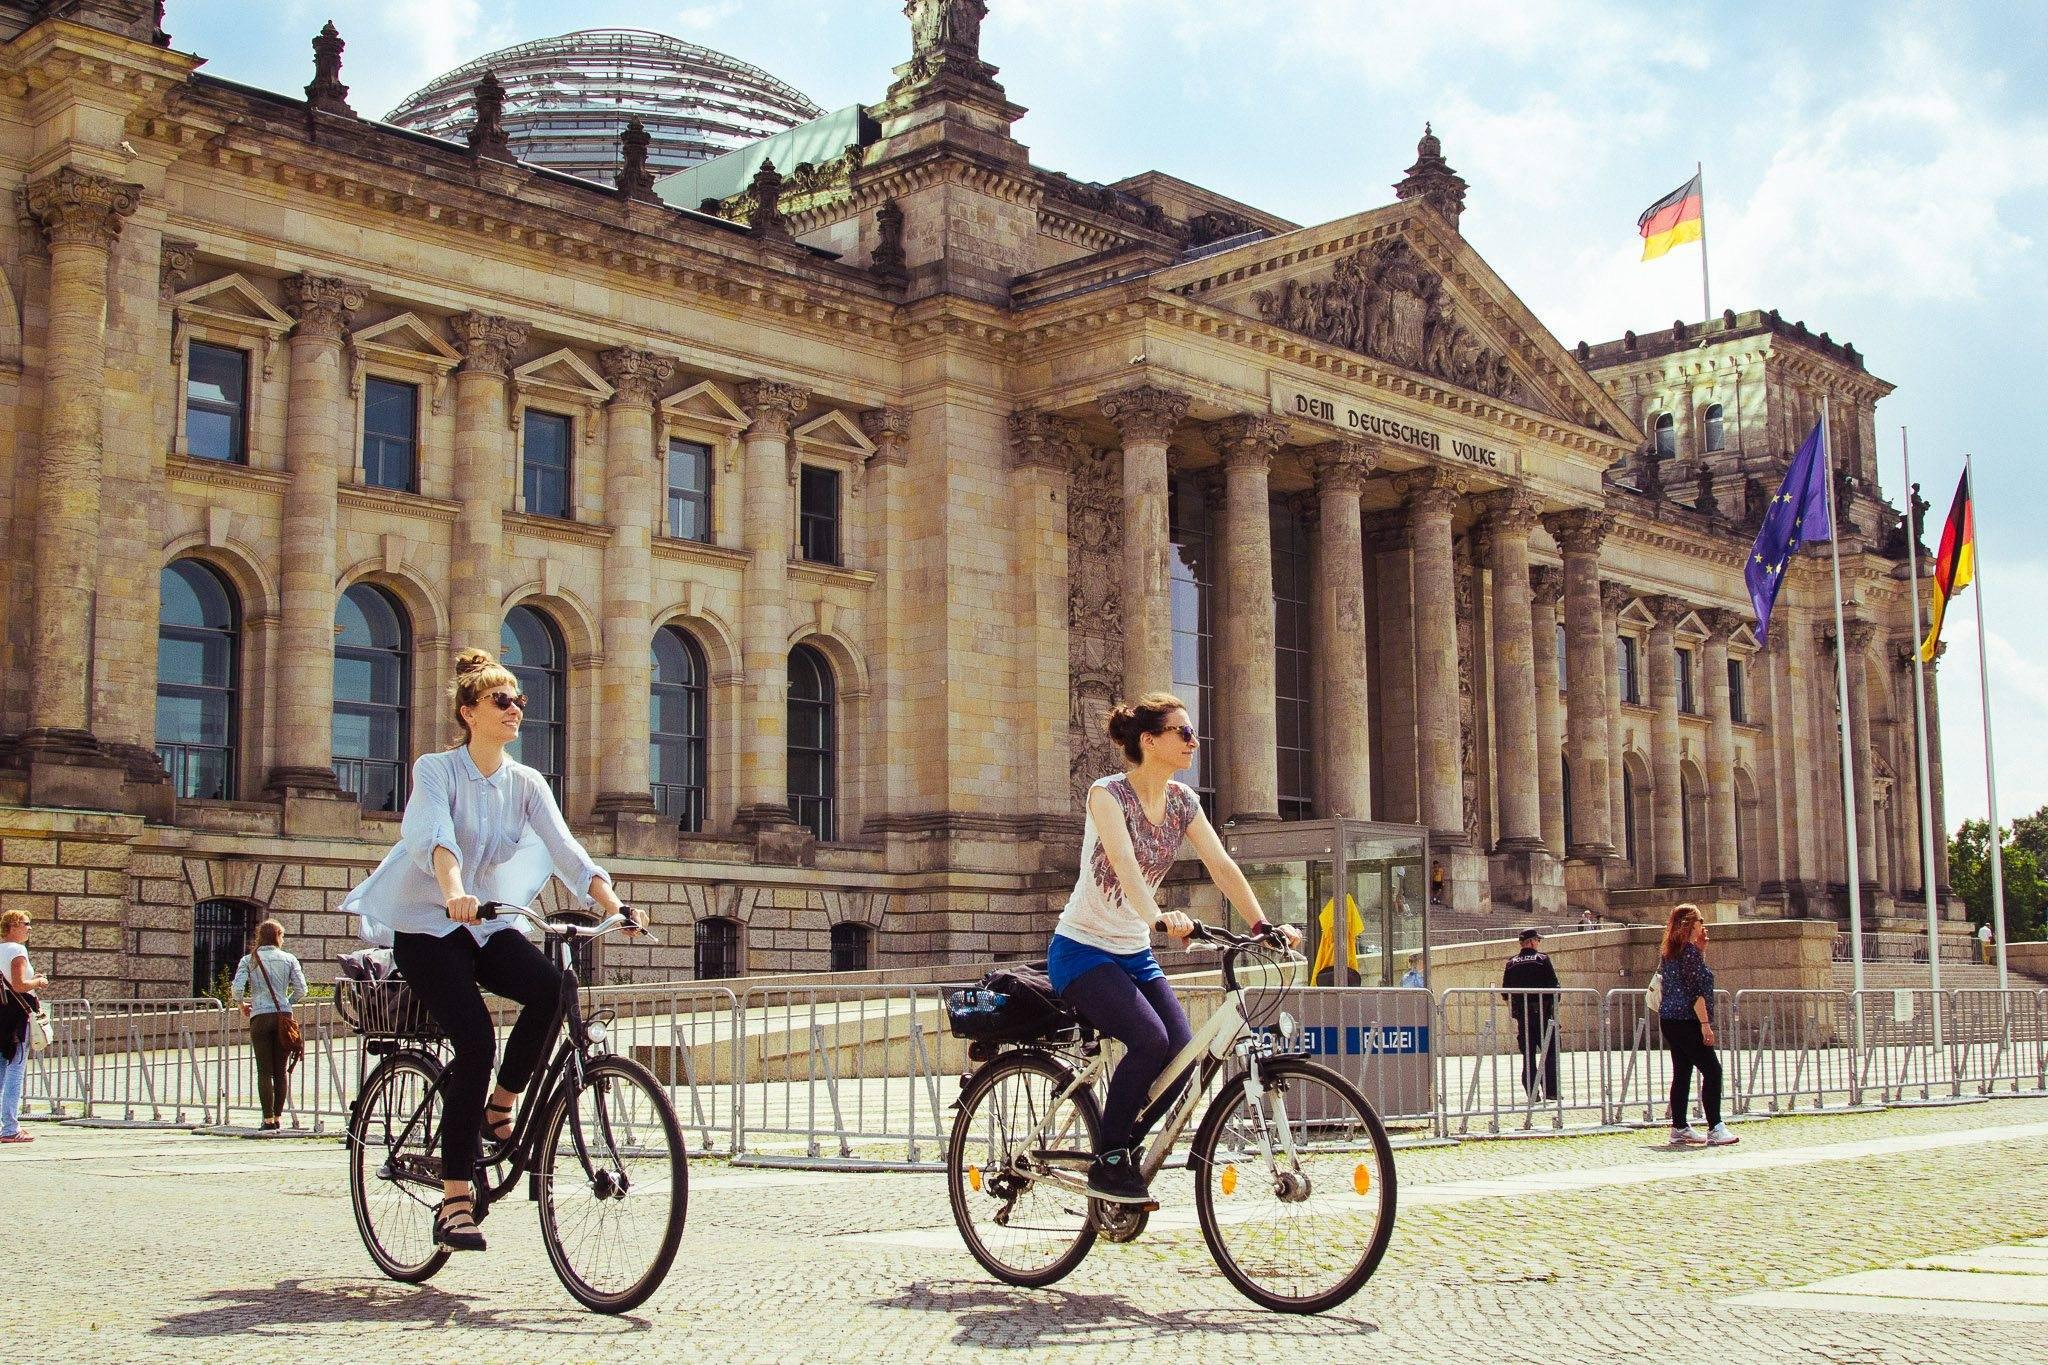 Что посмотреть в берлине за 2 дня — самостоятельные маршруты по достопримечательностям